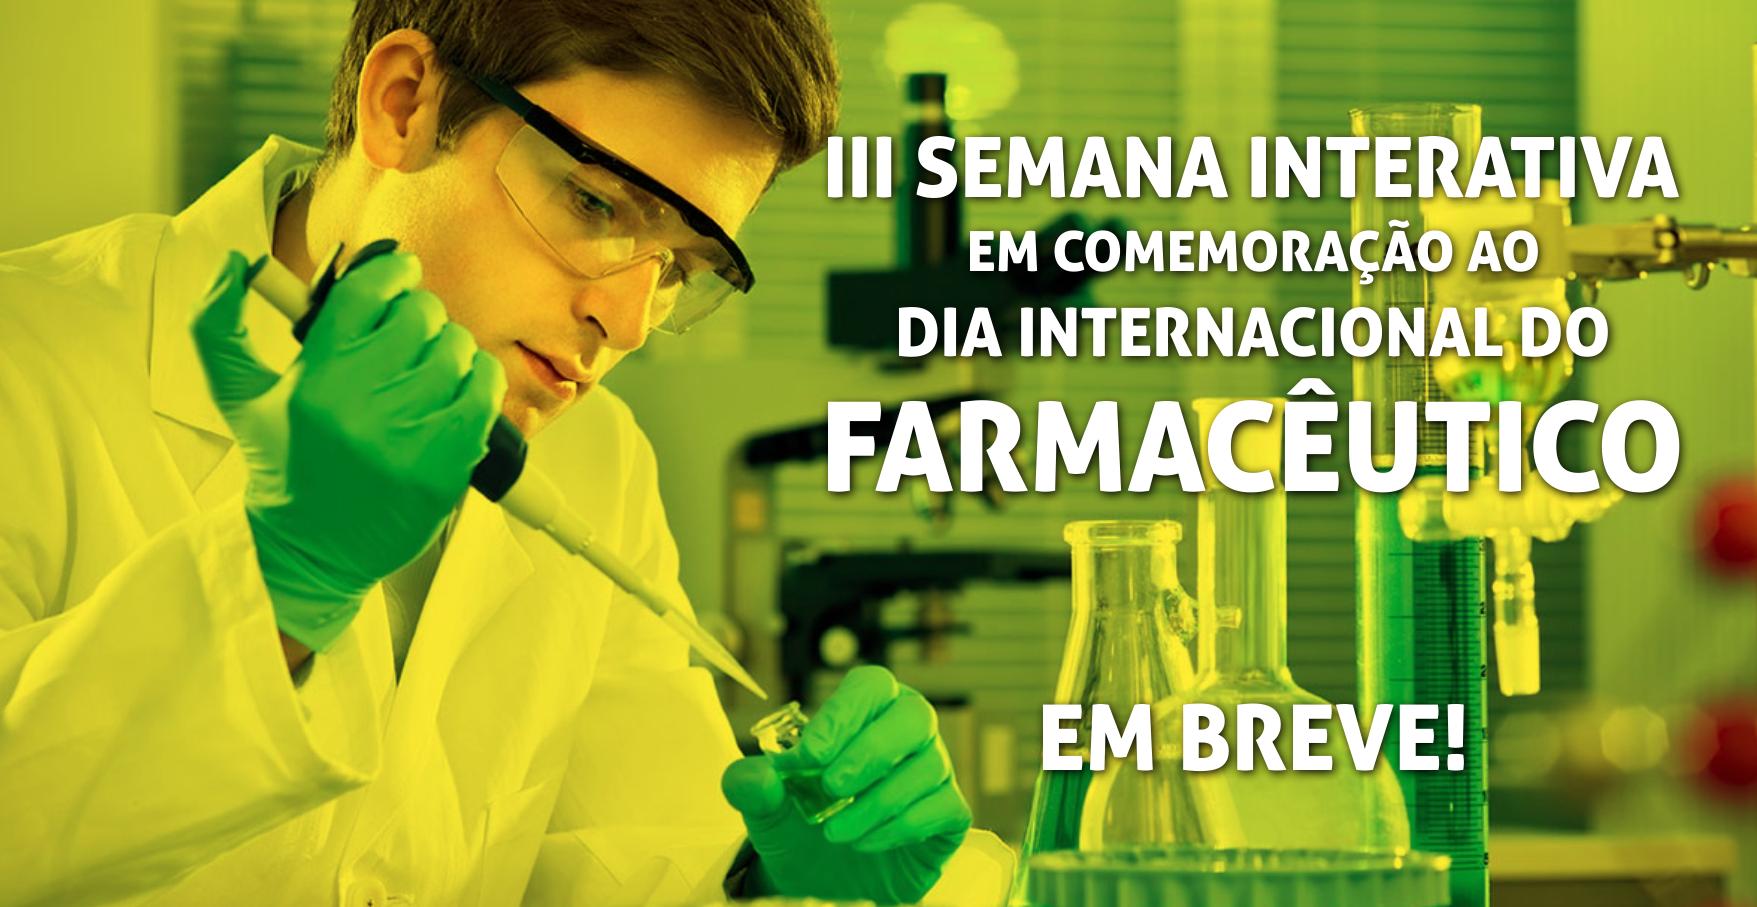 III Semana Interativa em Comemoração ao dia Internacional do Farmacêutico